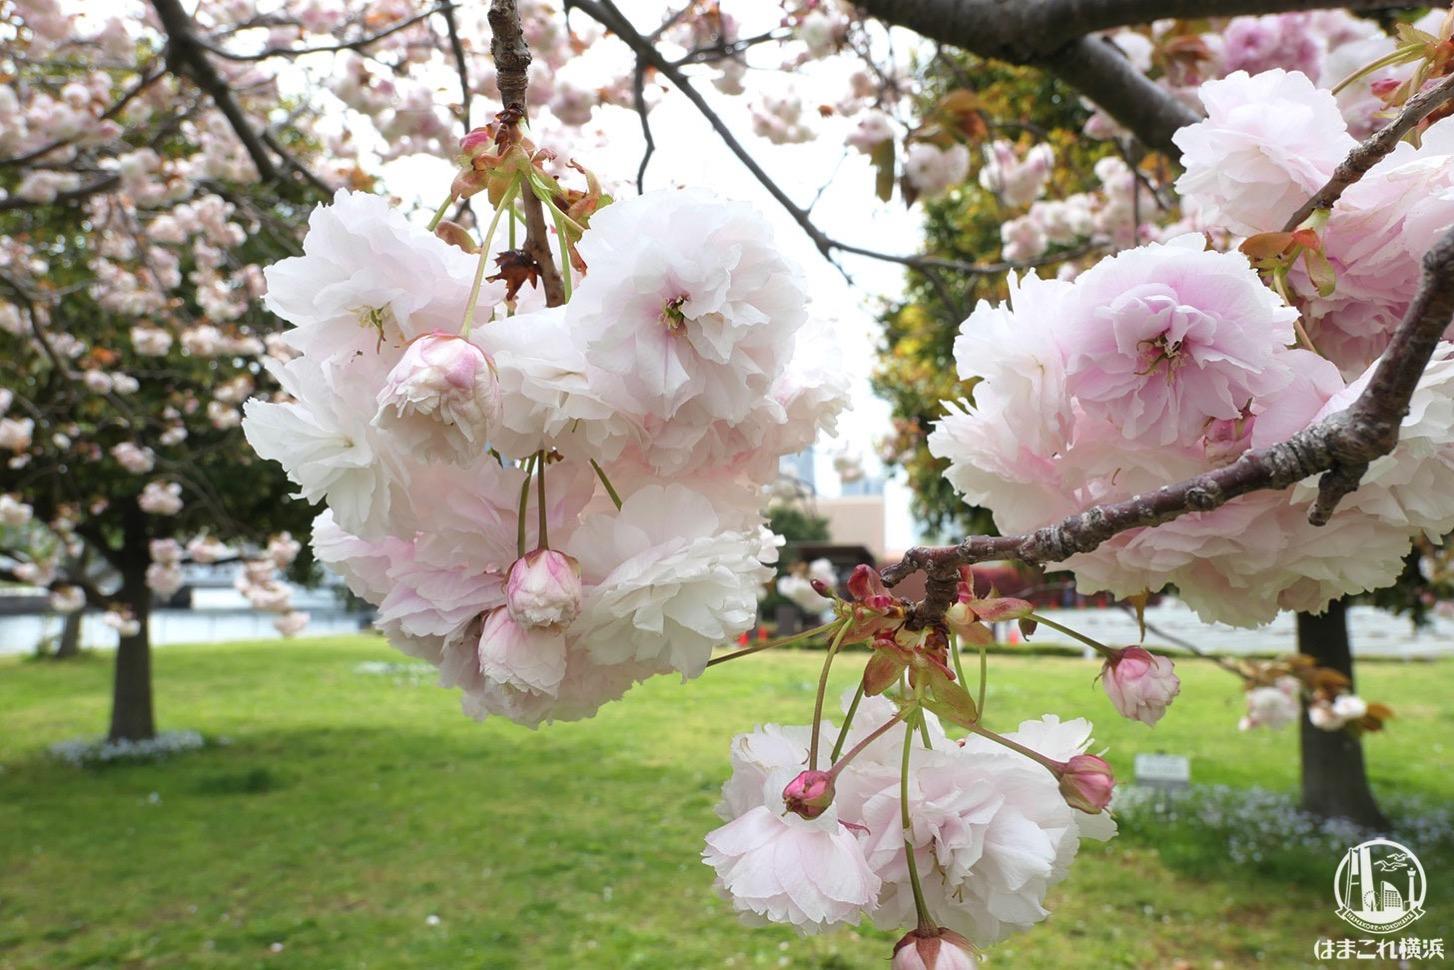 横浜赤レンガ倉庫近くの八重桜、散歩中に偶然見つけて癒された